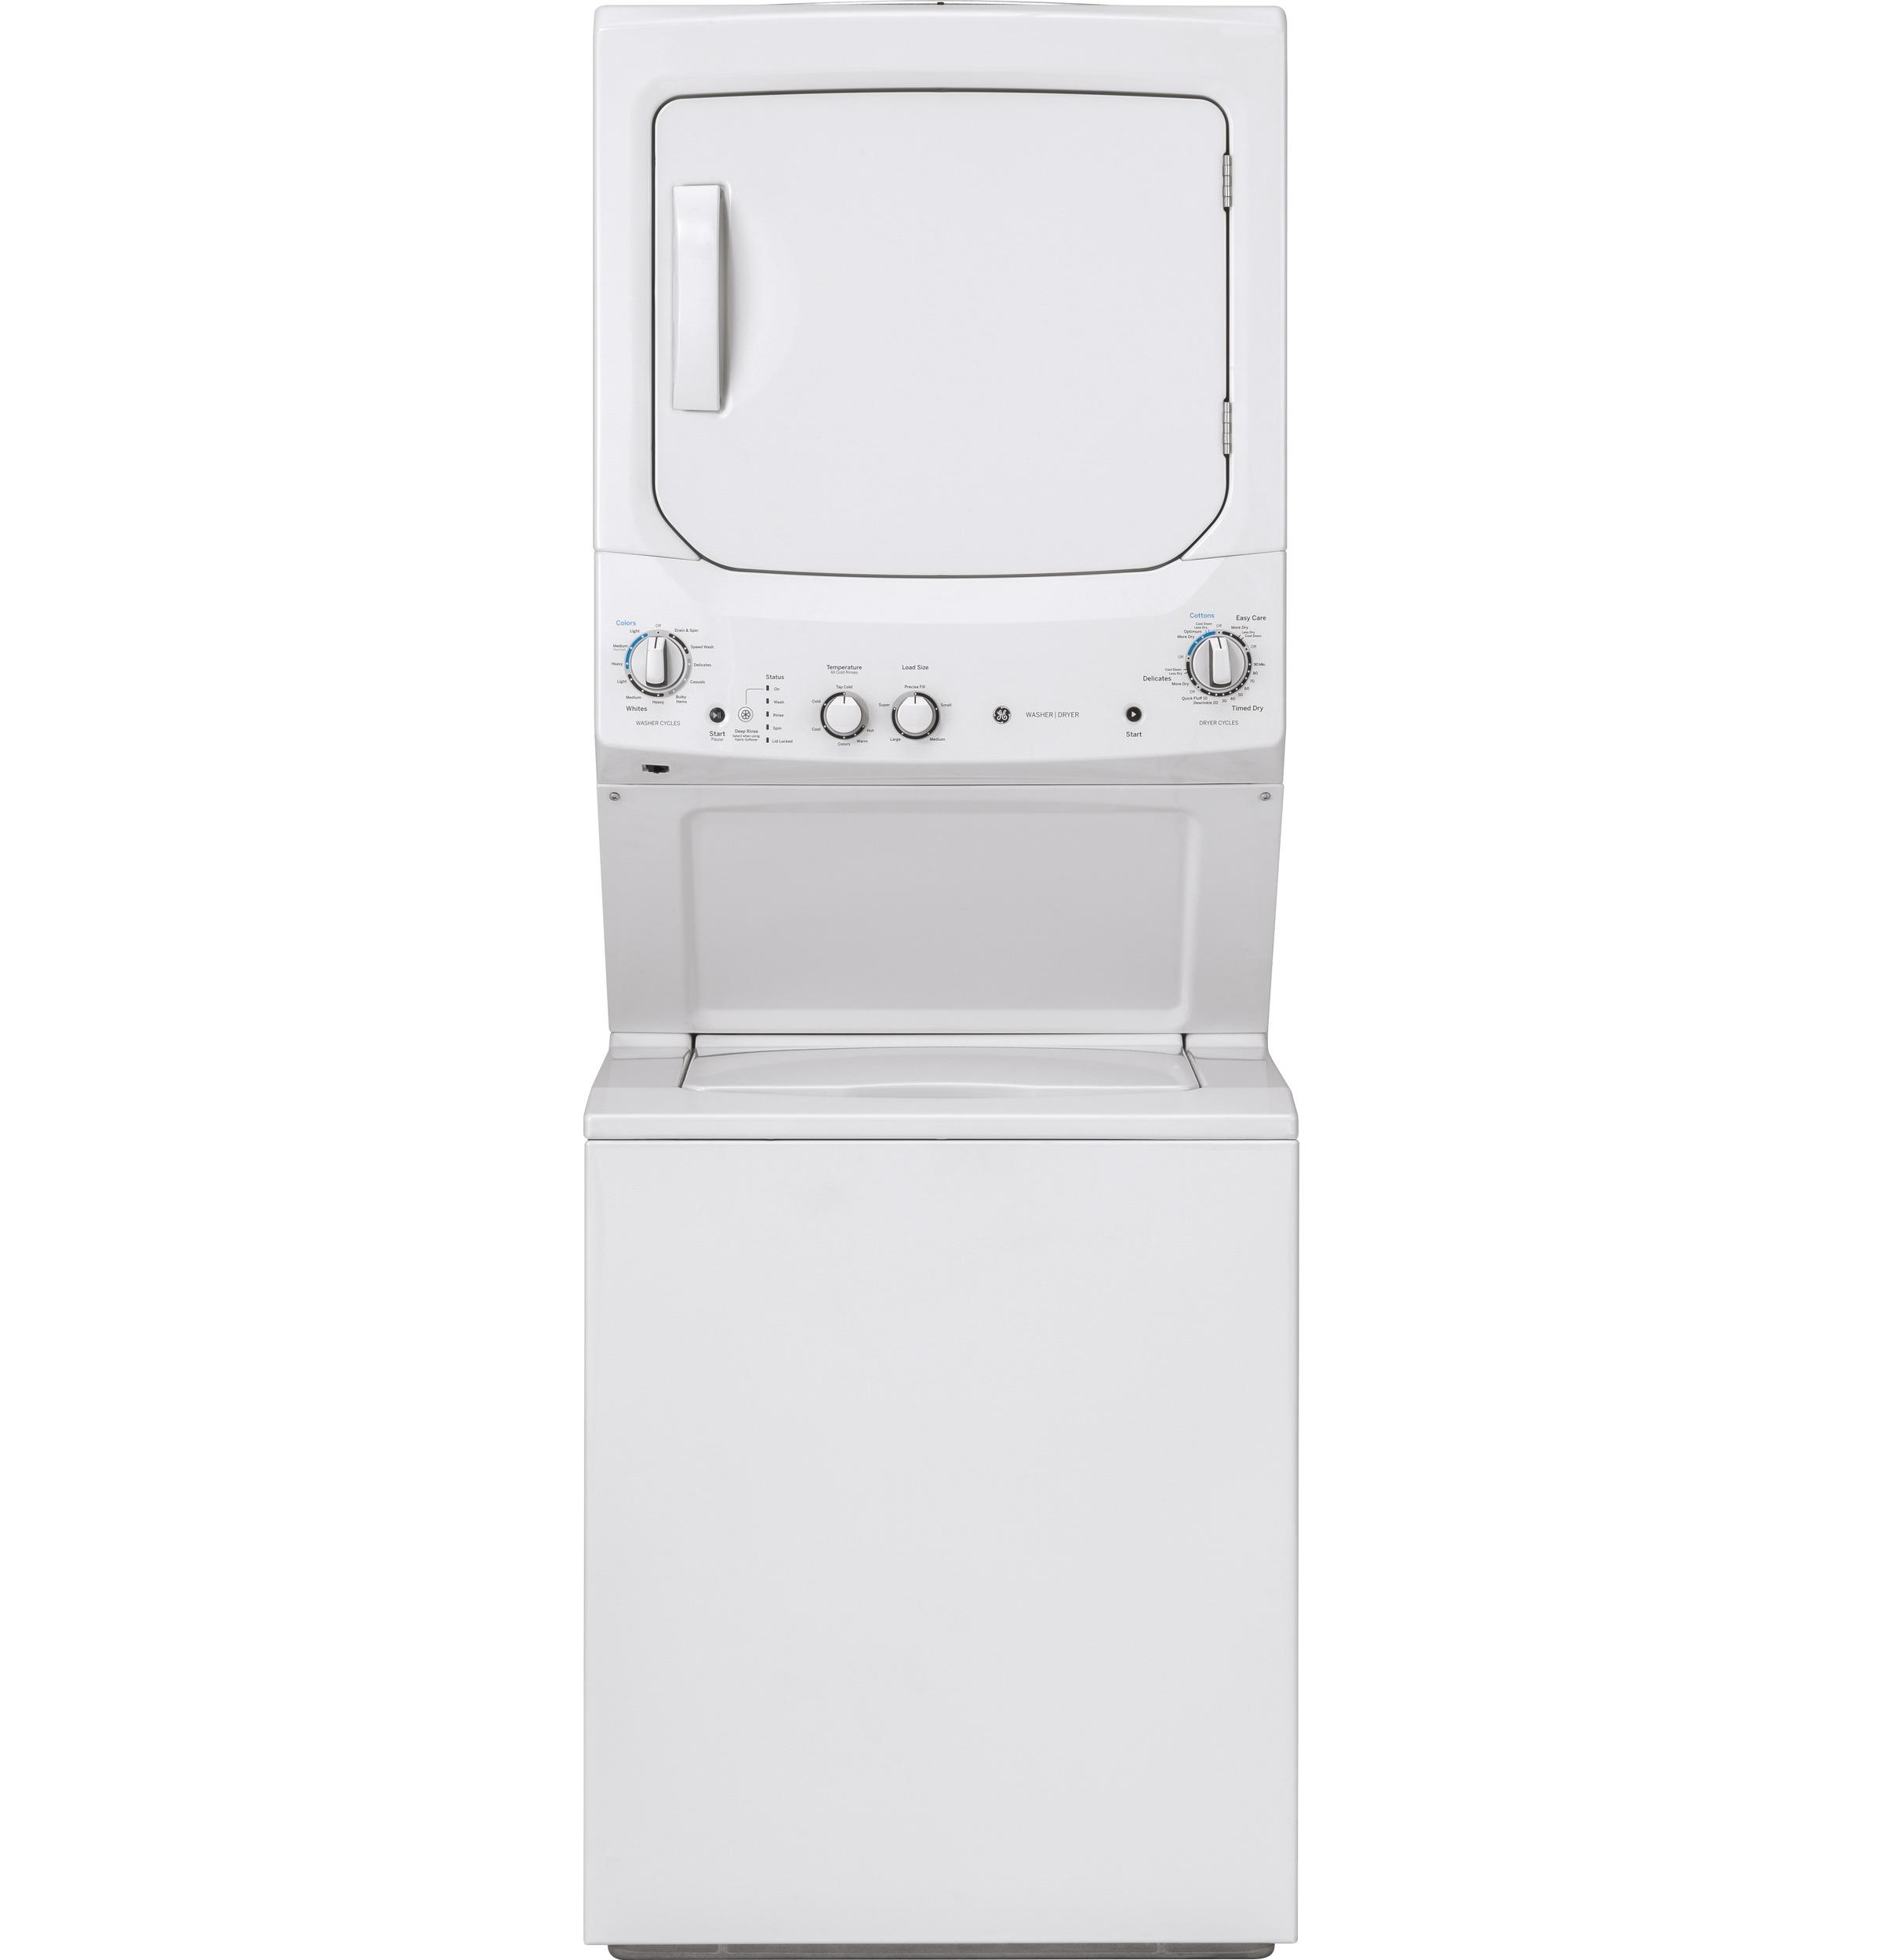 22159 Stacker Washer Dryer Pair – GUD27ESMMWW